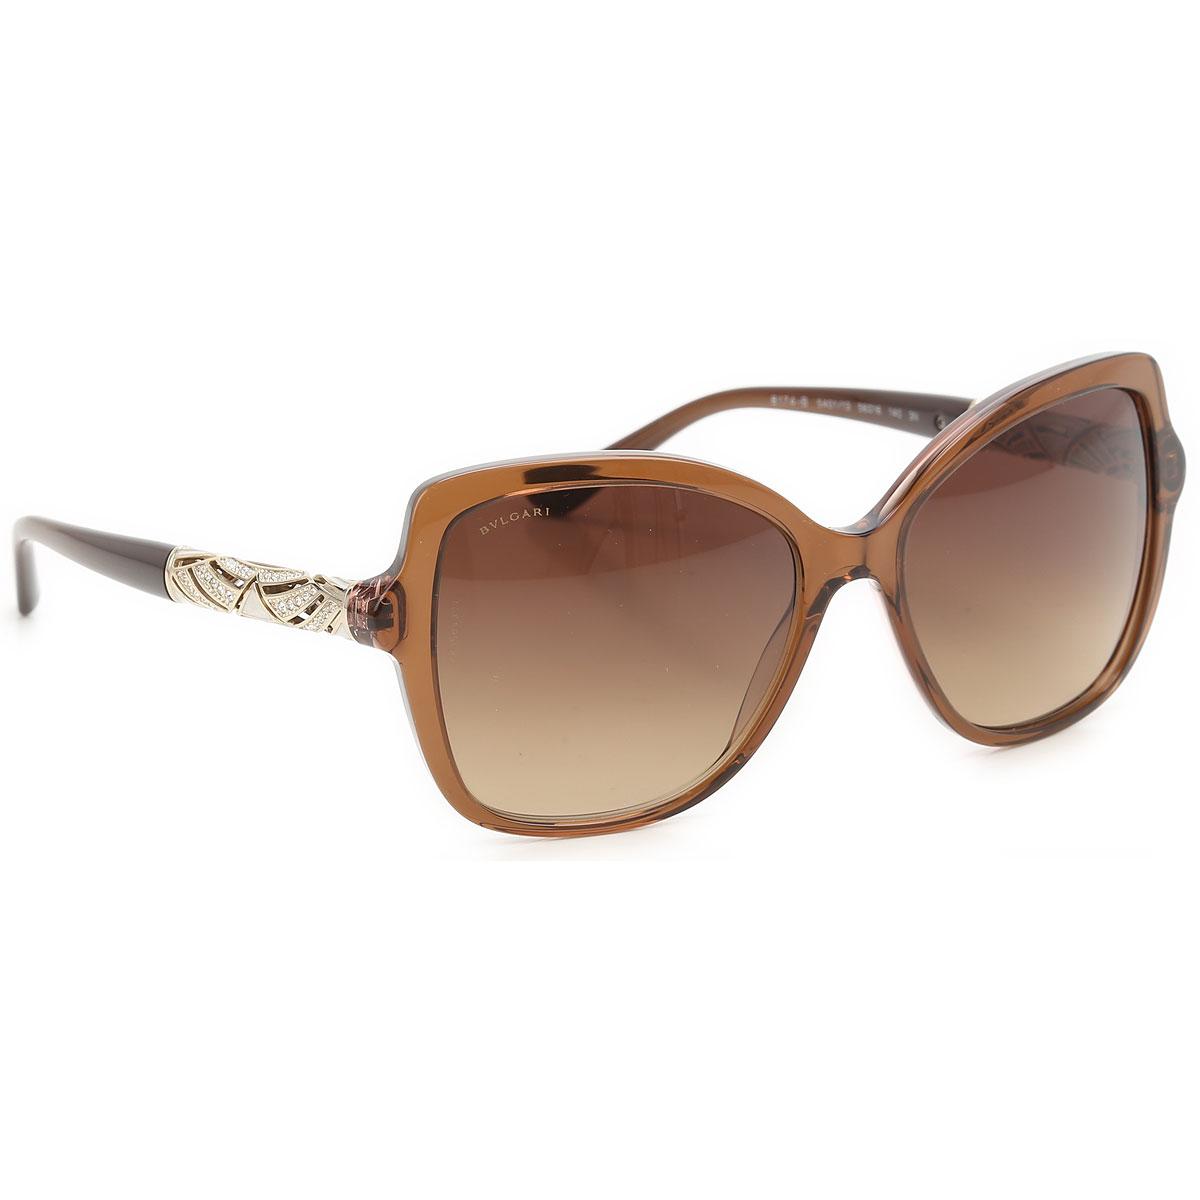 Bvl Sunglasses  sunglasses bvlgari style code bv8174b 5401 13